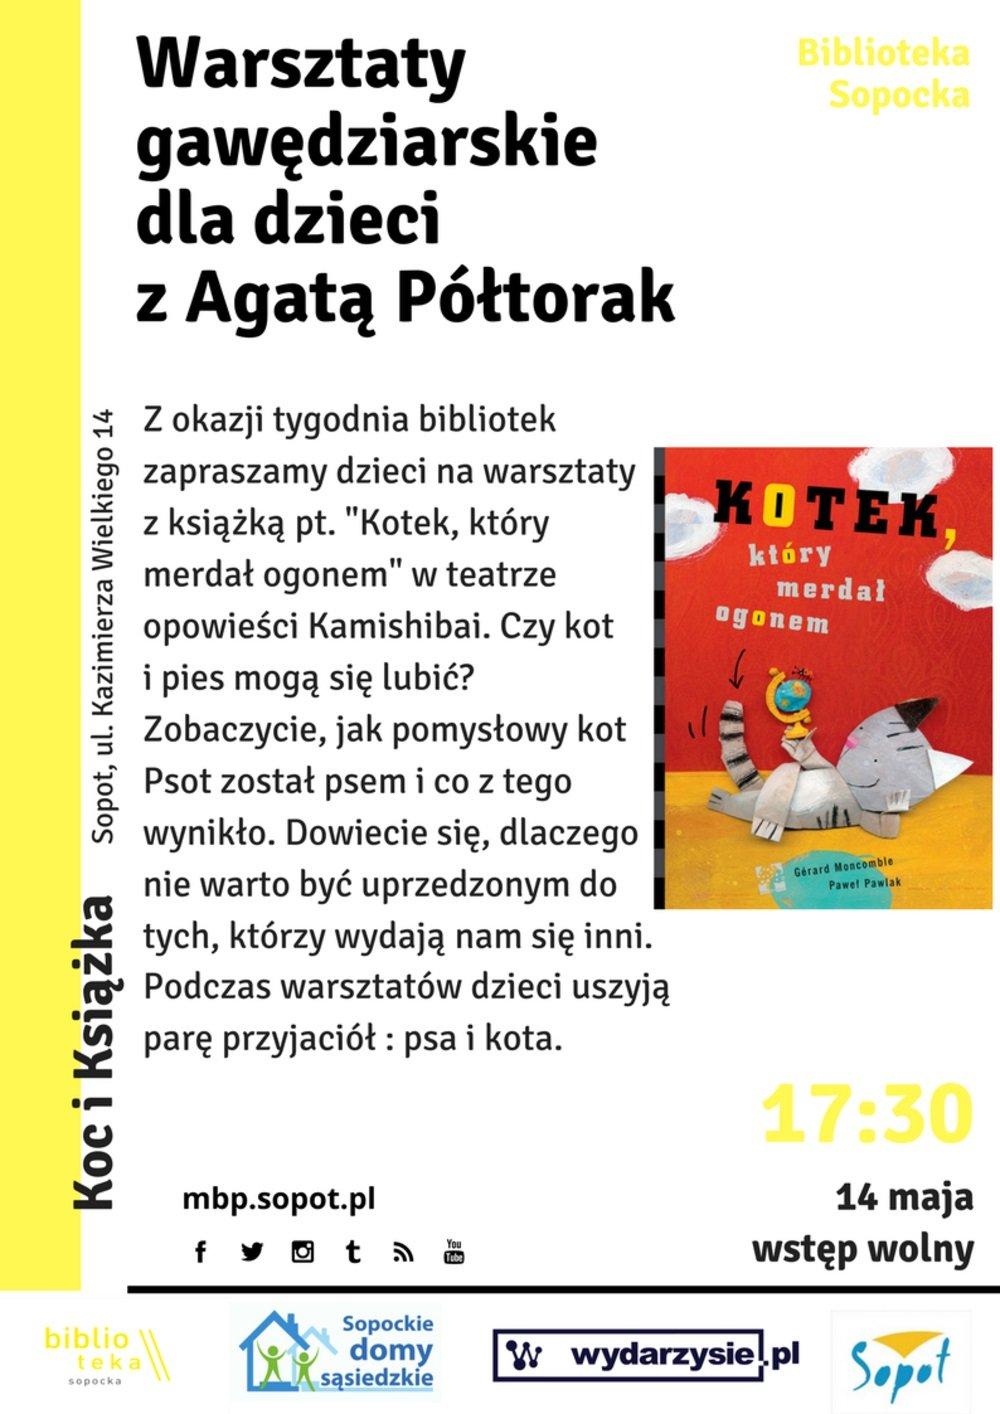 Warsztaty gawędziarskie dla dzieci z Agatą Półtorak